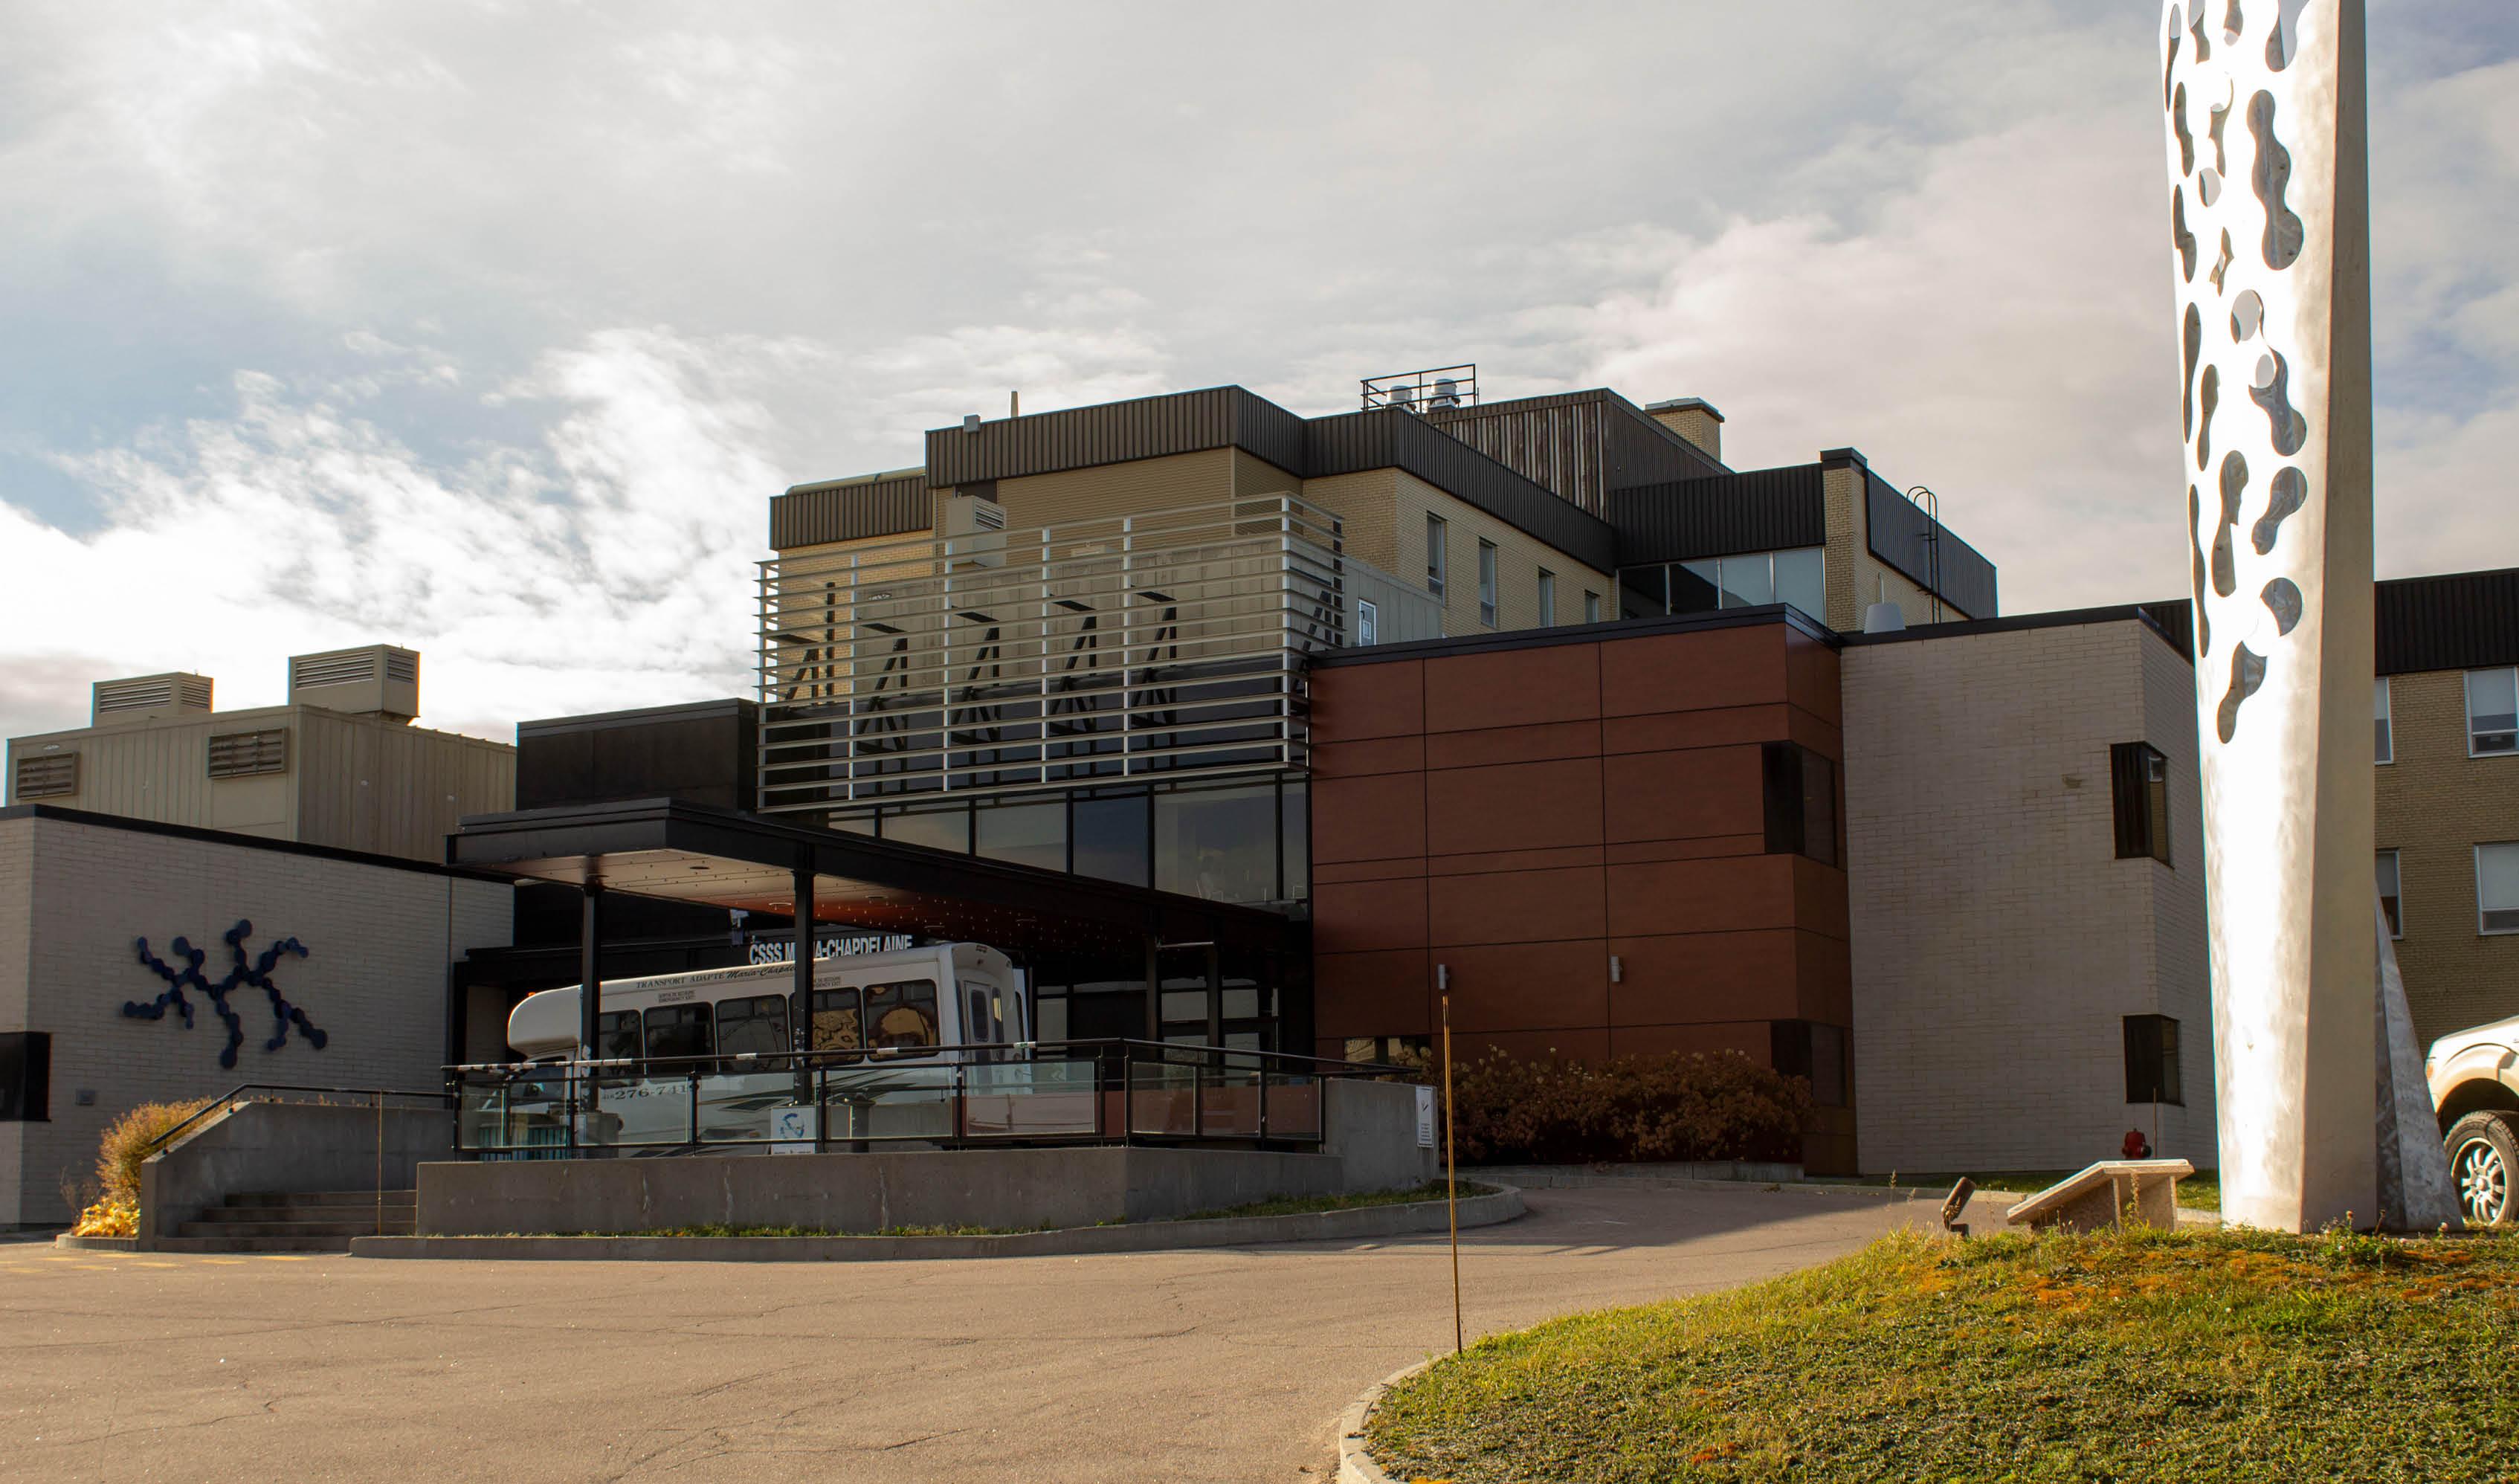 Projet d'agrandissement et de réaménagement du bloc opératoire de Dolbeau-Mistassini